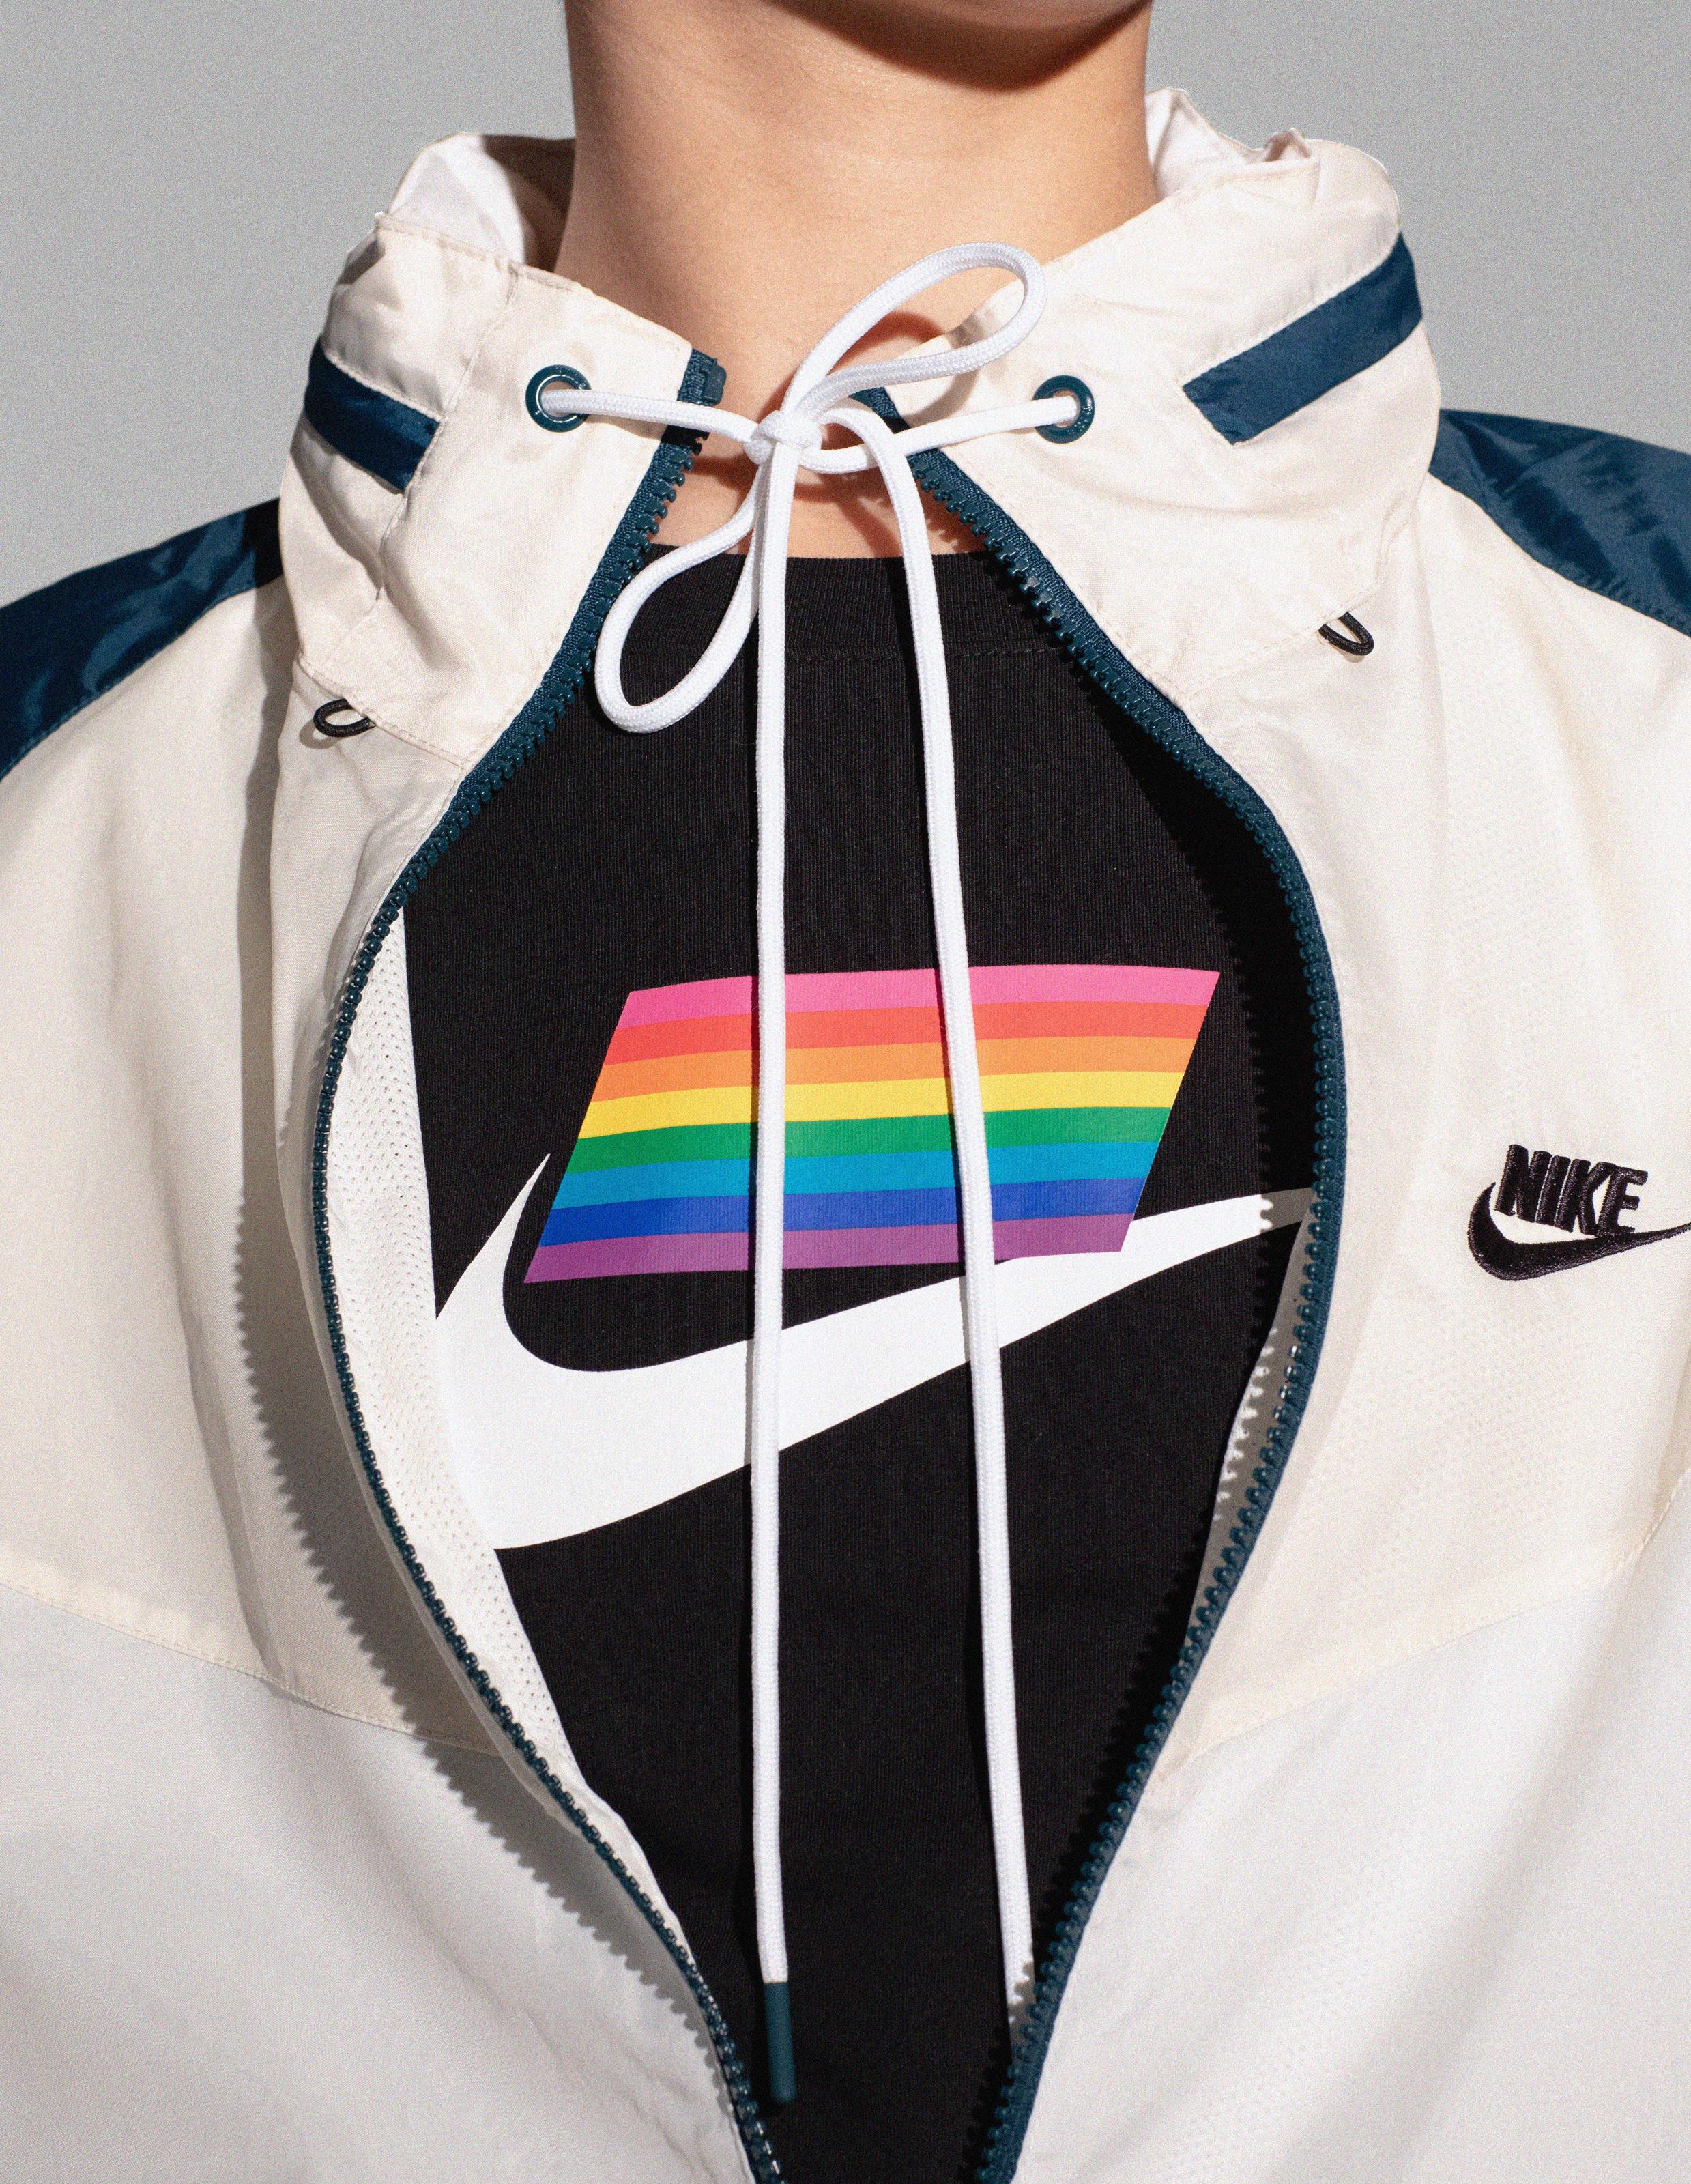 Parte de la BETRUE Collection de Nike para el Pride 2019. Fotografía: Nike